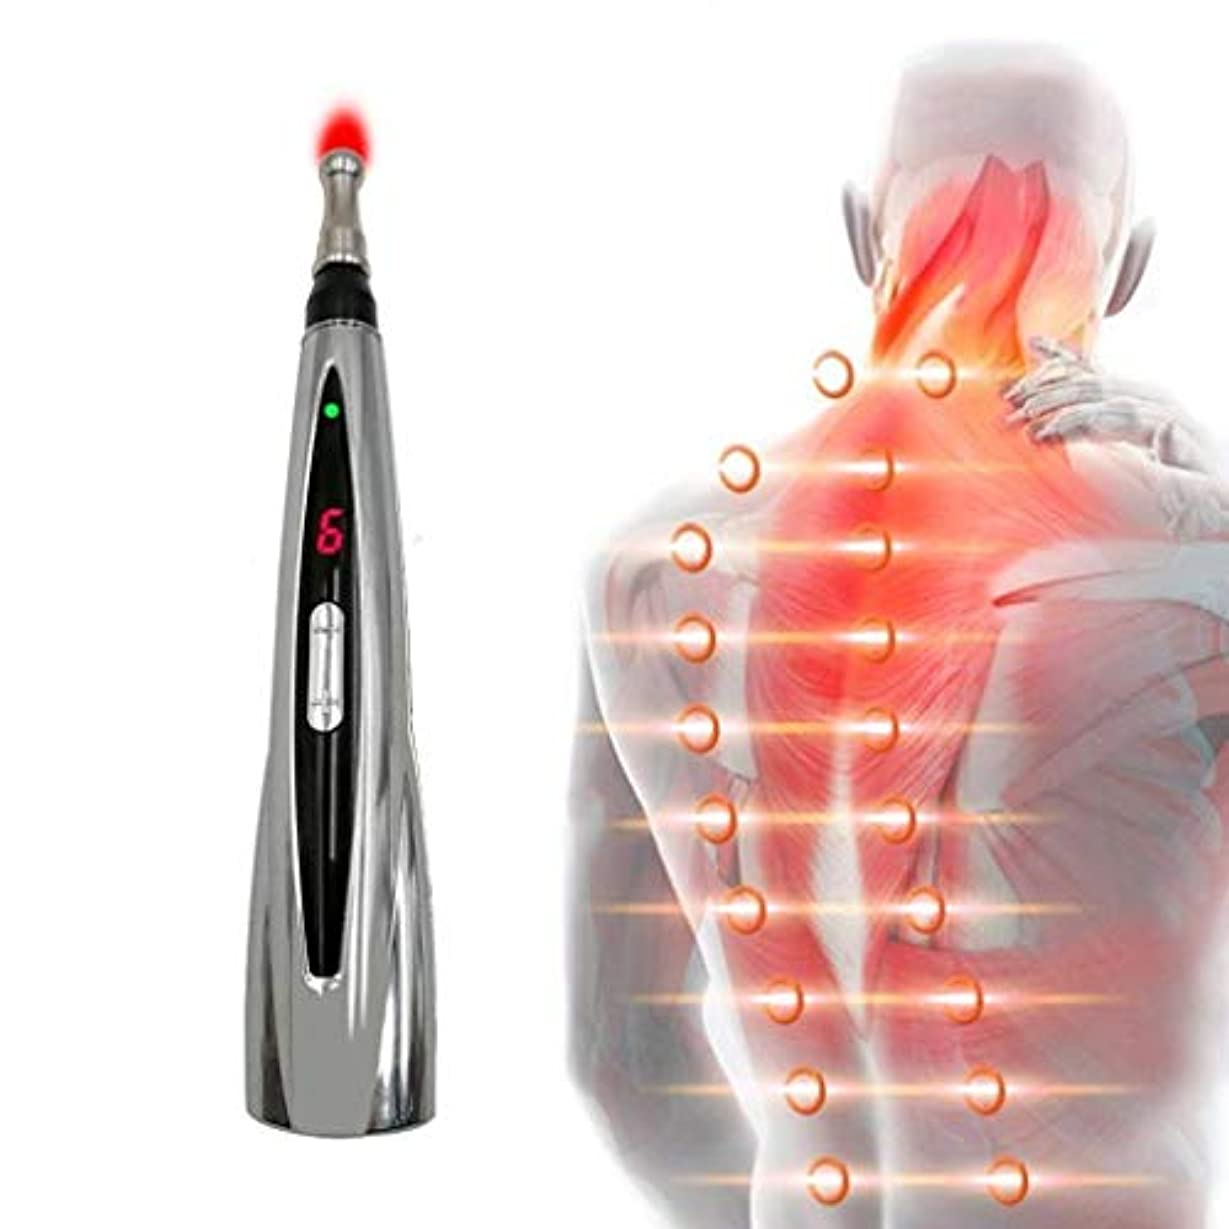 サッカー数学火山鍼治療ペン、エネルギーパルス指圧スティック、ホームマッサージャー、経絡edge器、電子鍼治療ペン、痛みを和らげ、ヘルスケア